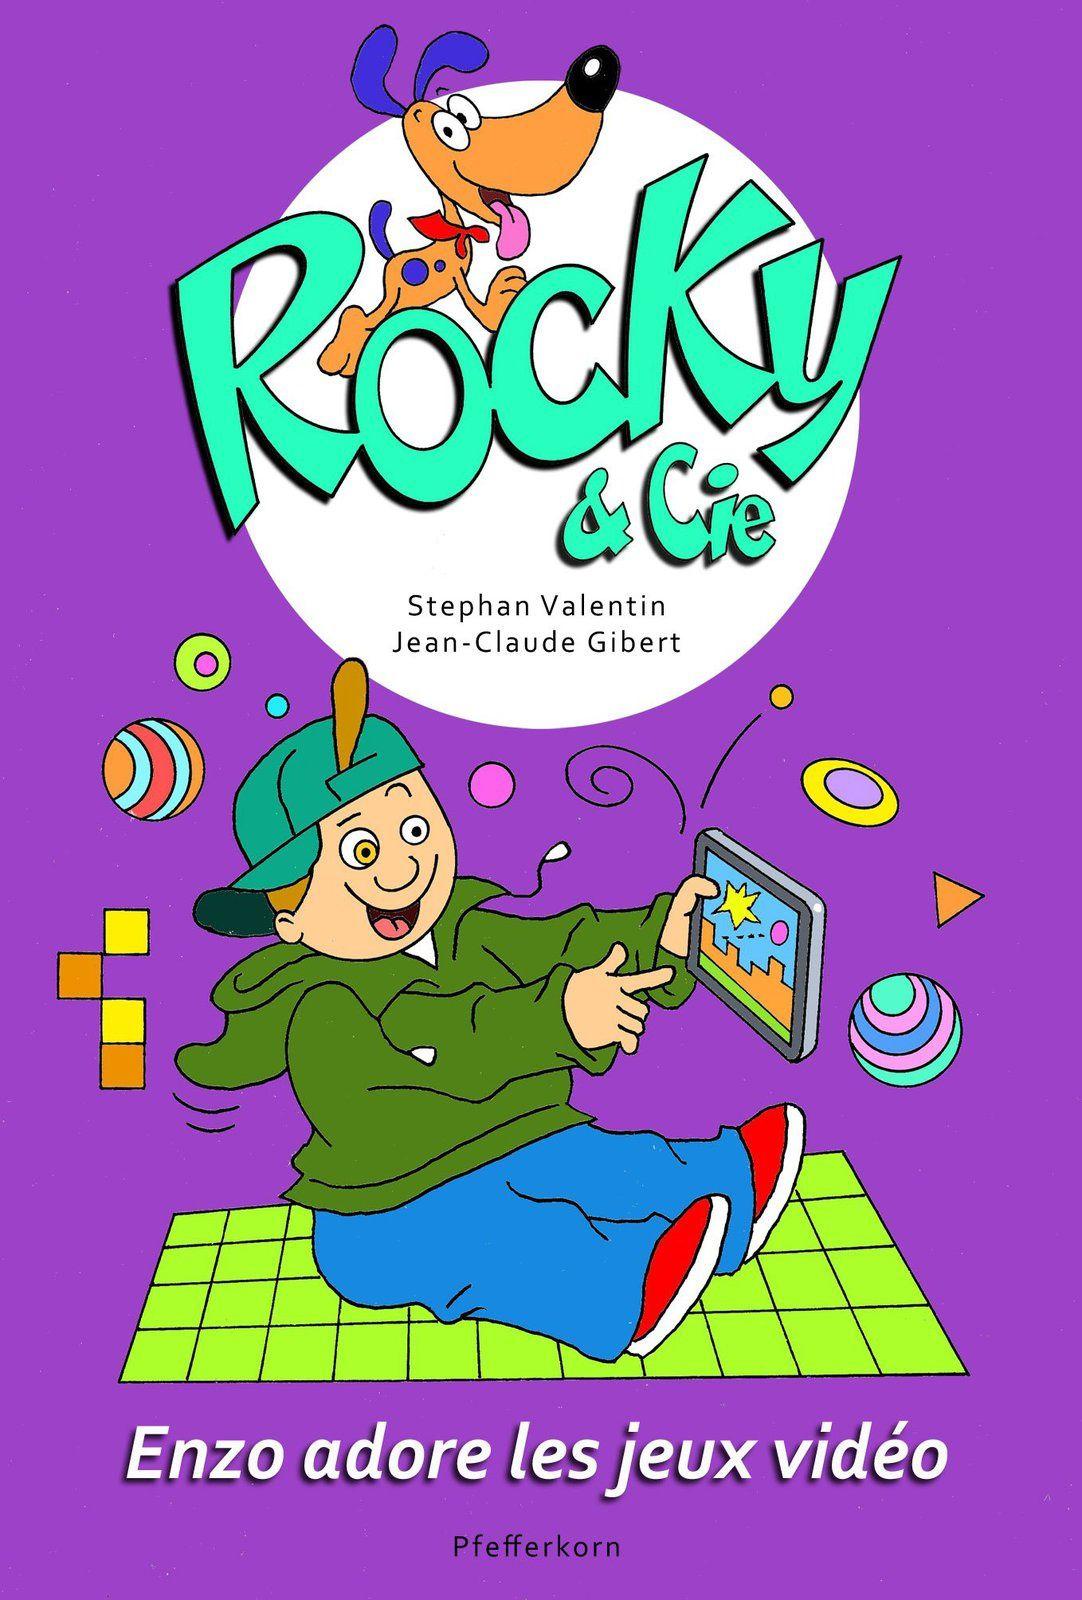 [REVUE BANDE DESSINEE GAMING] ROCKY & CIE Enzo adore les jeux vidéo aux éditions PFEFFERKORN